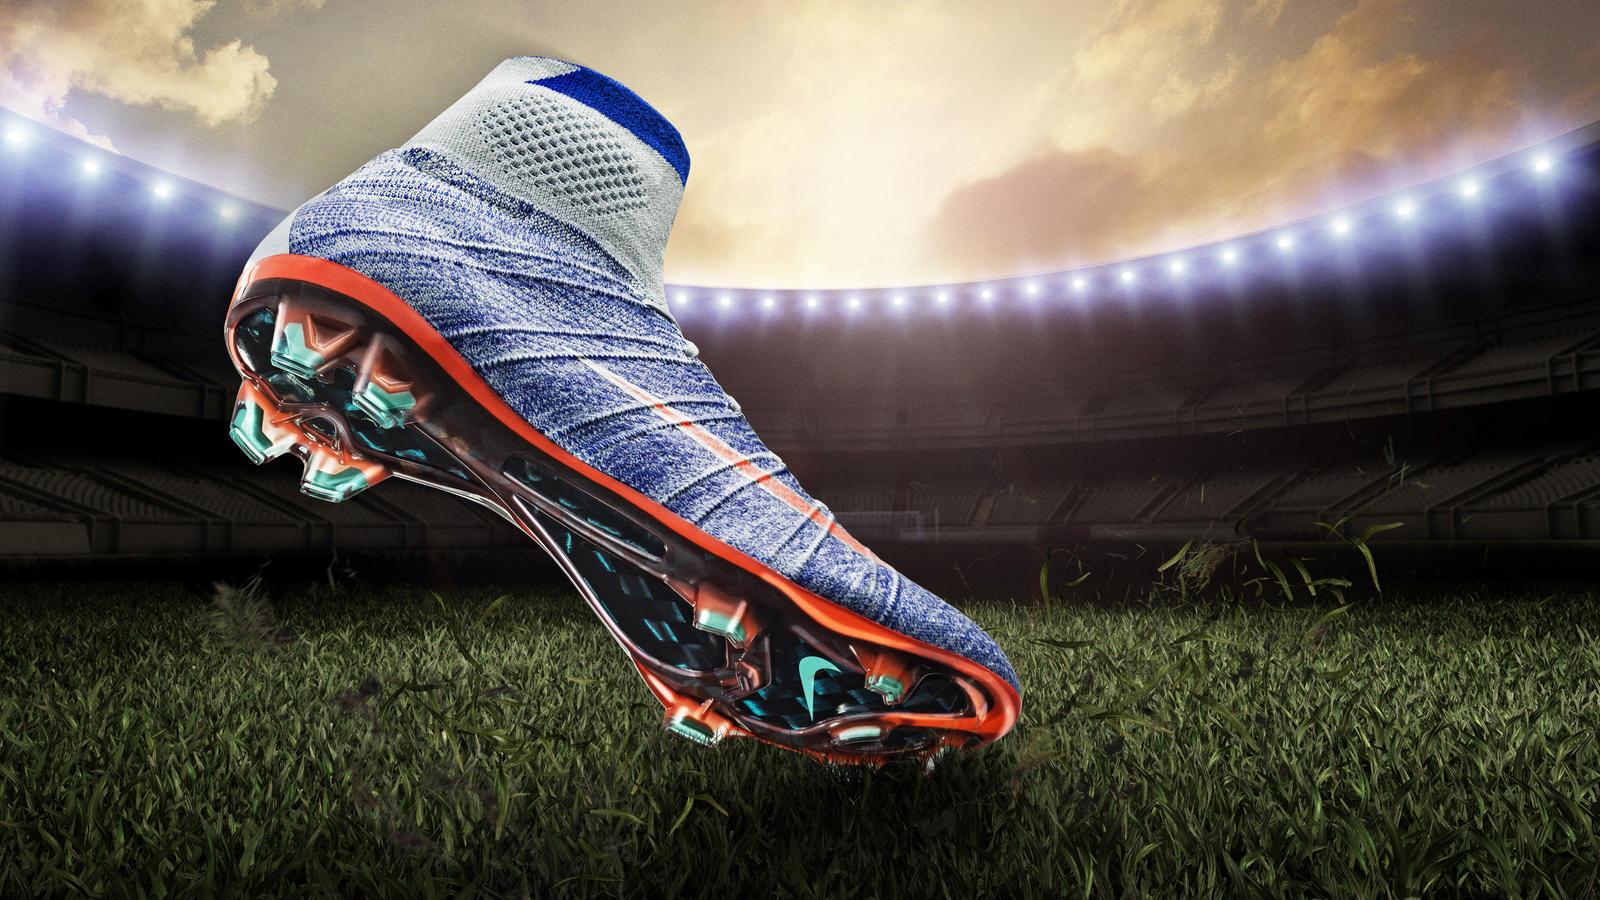 Soccer Wallpaper gtgt Soccer Backgrounds gtgt Free Download